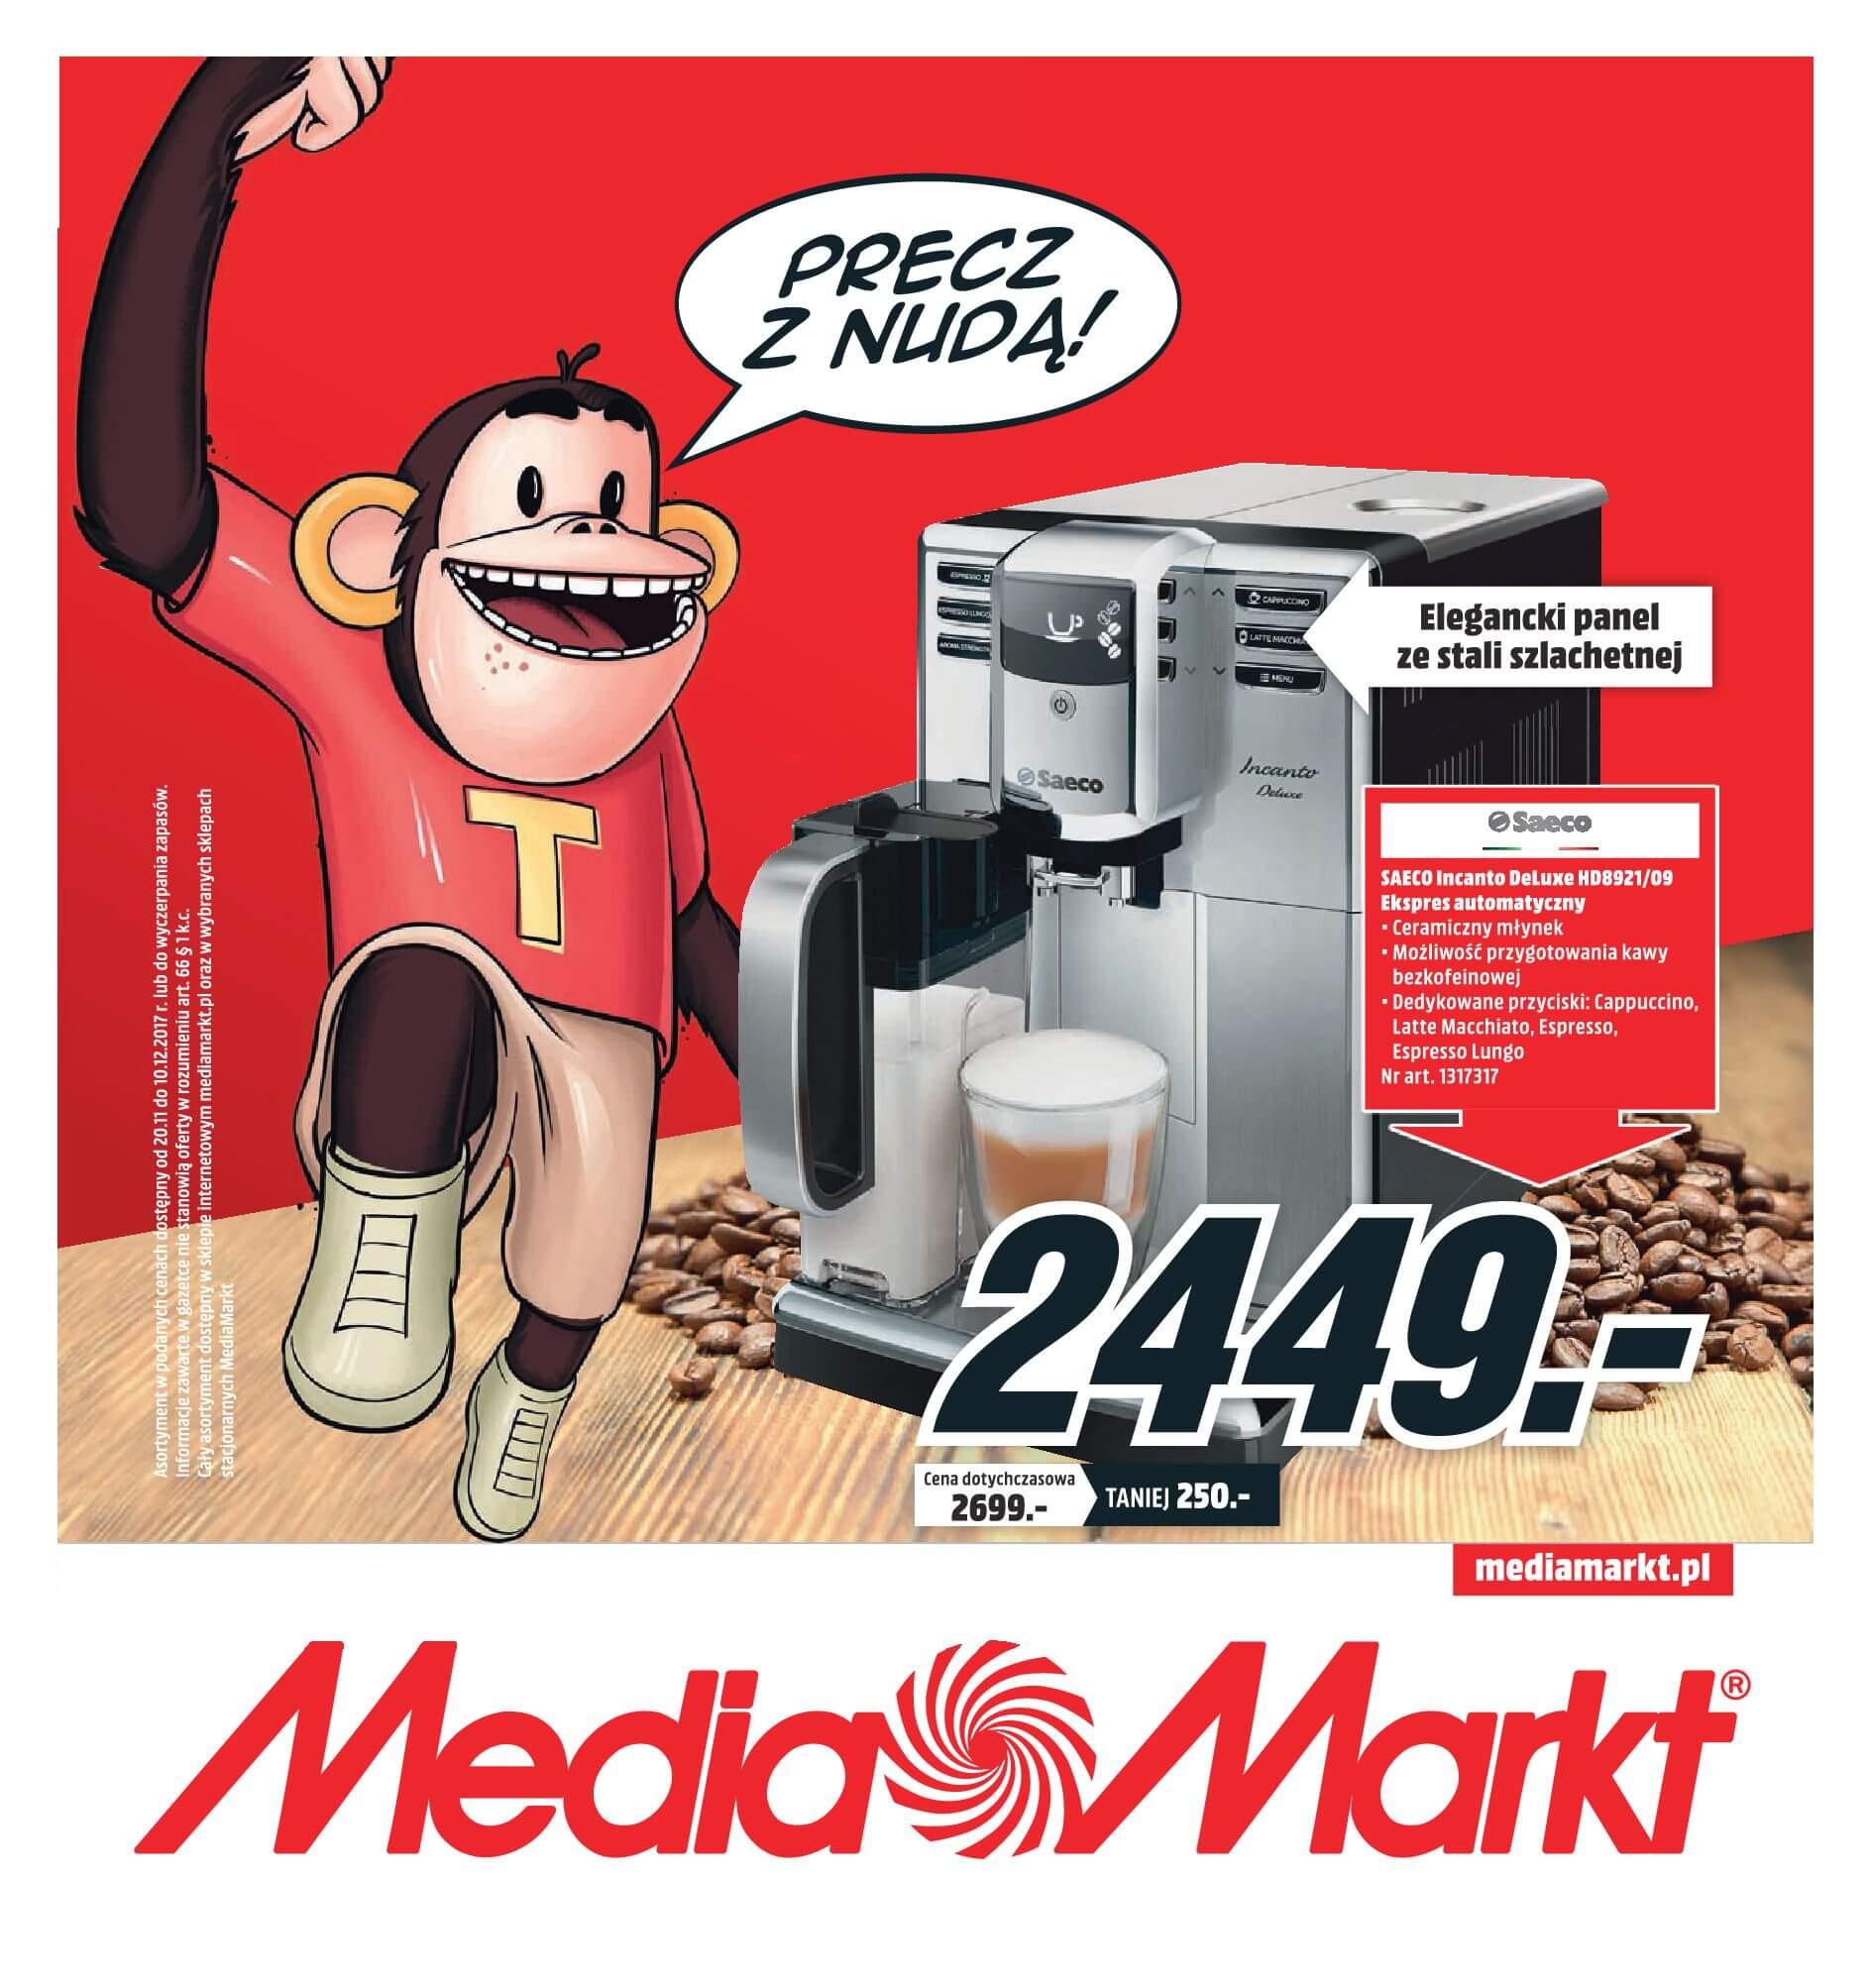 Gazetka Media Markt - Oferta na ekspresy do kawy, blendery, odkurzacze-2017-11-19-2017-12-10-page-1